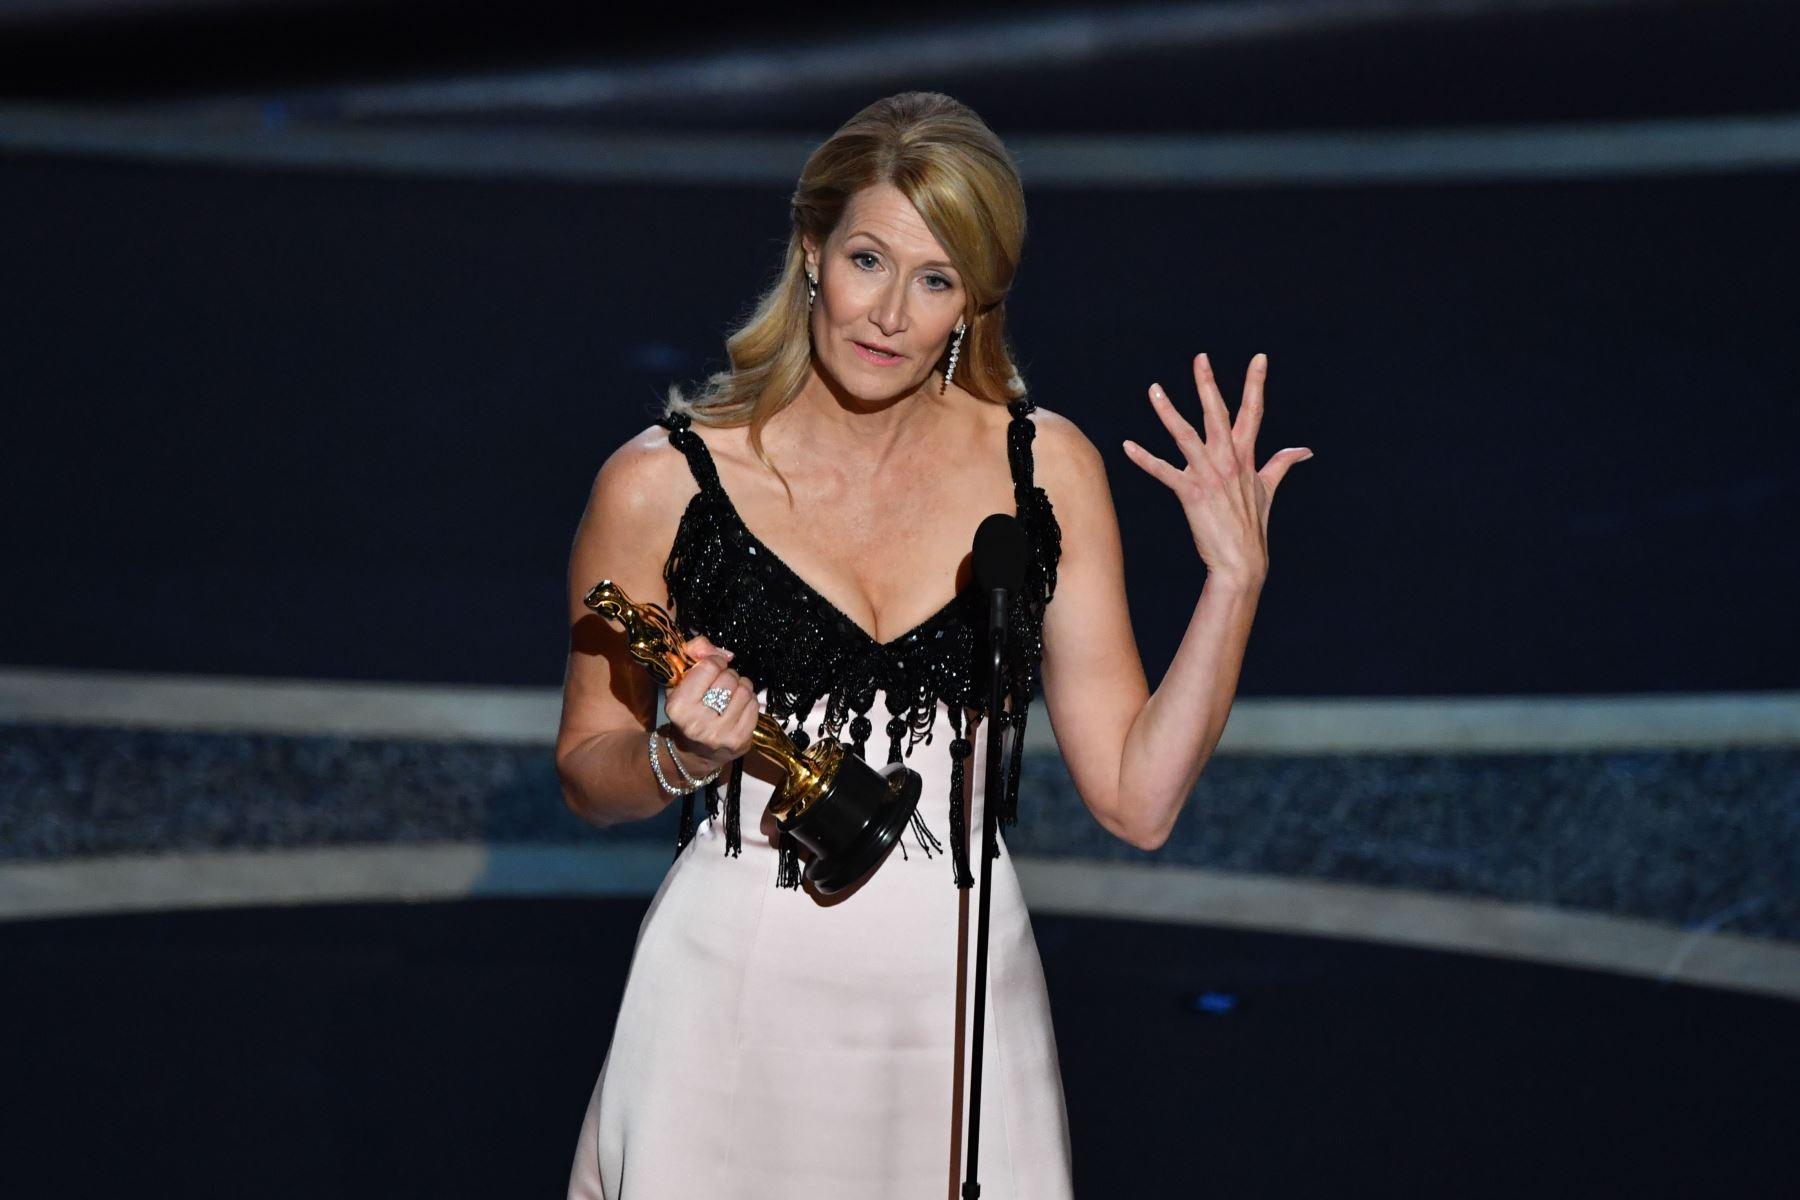 """La actriz estadounidense Laura Dern acepta el premio a la Mejor Actriz en un papel secundario por """"Marriage Story"""" durante los 92o Oscar en el Dolby Theatre de Hollywood, California. Foto: AFP"""